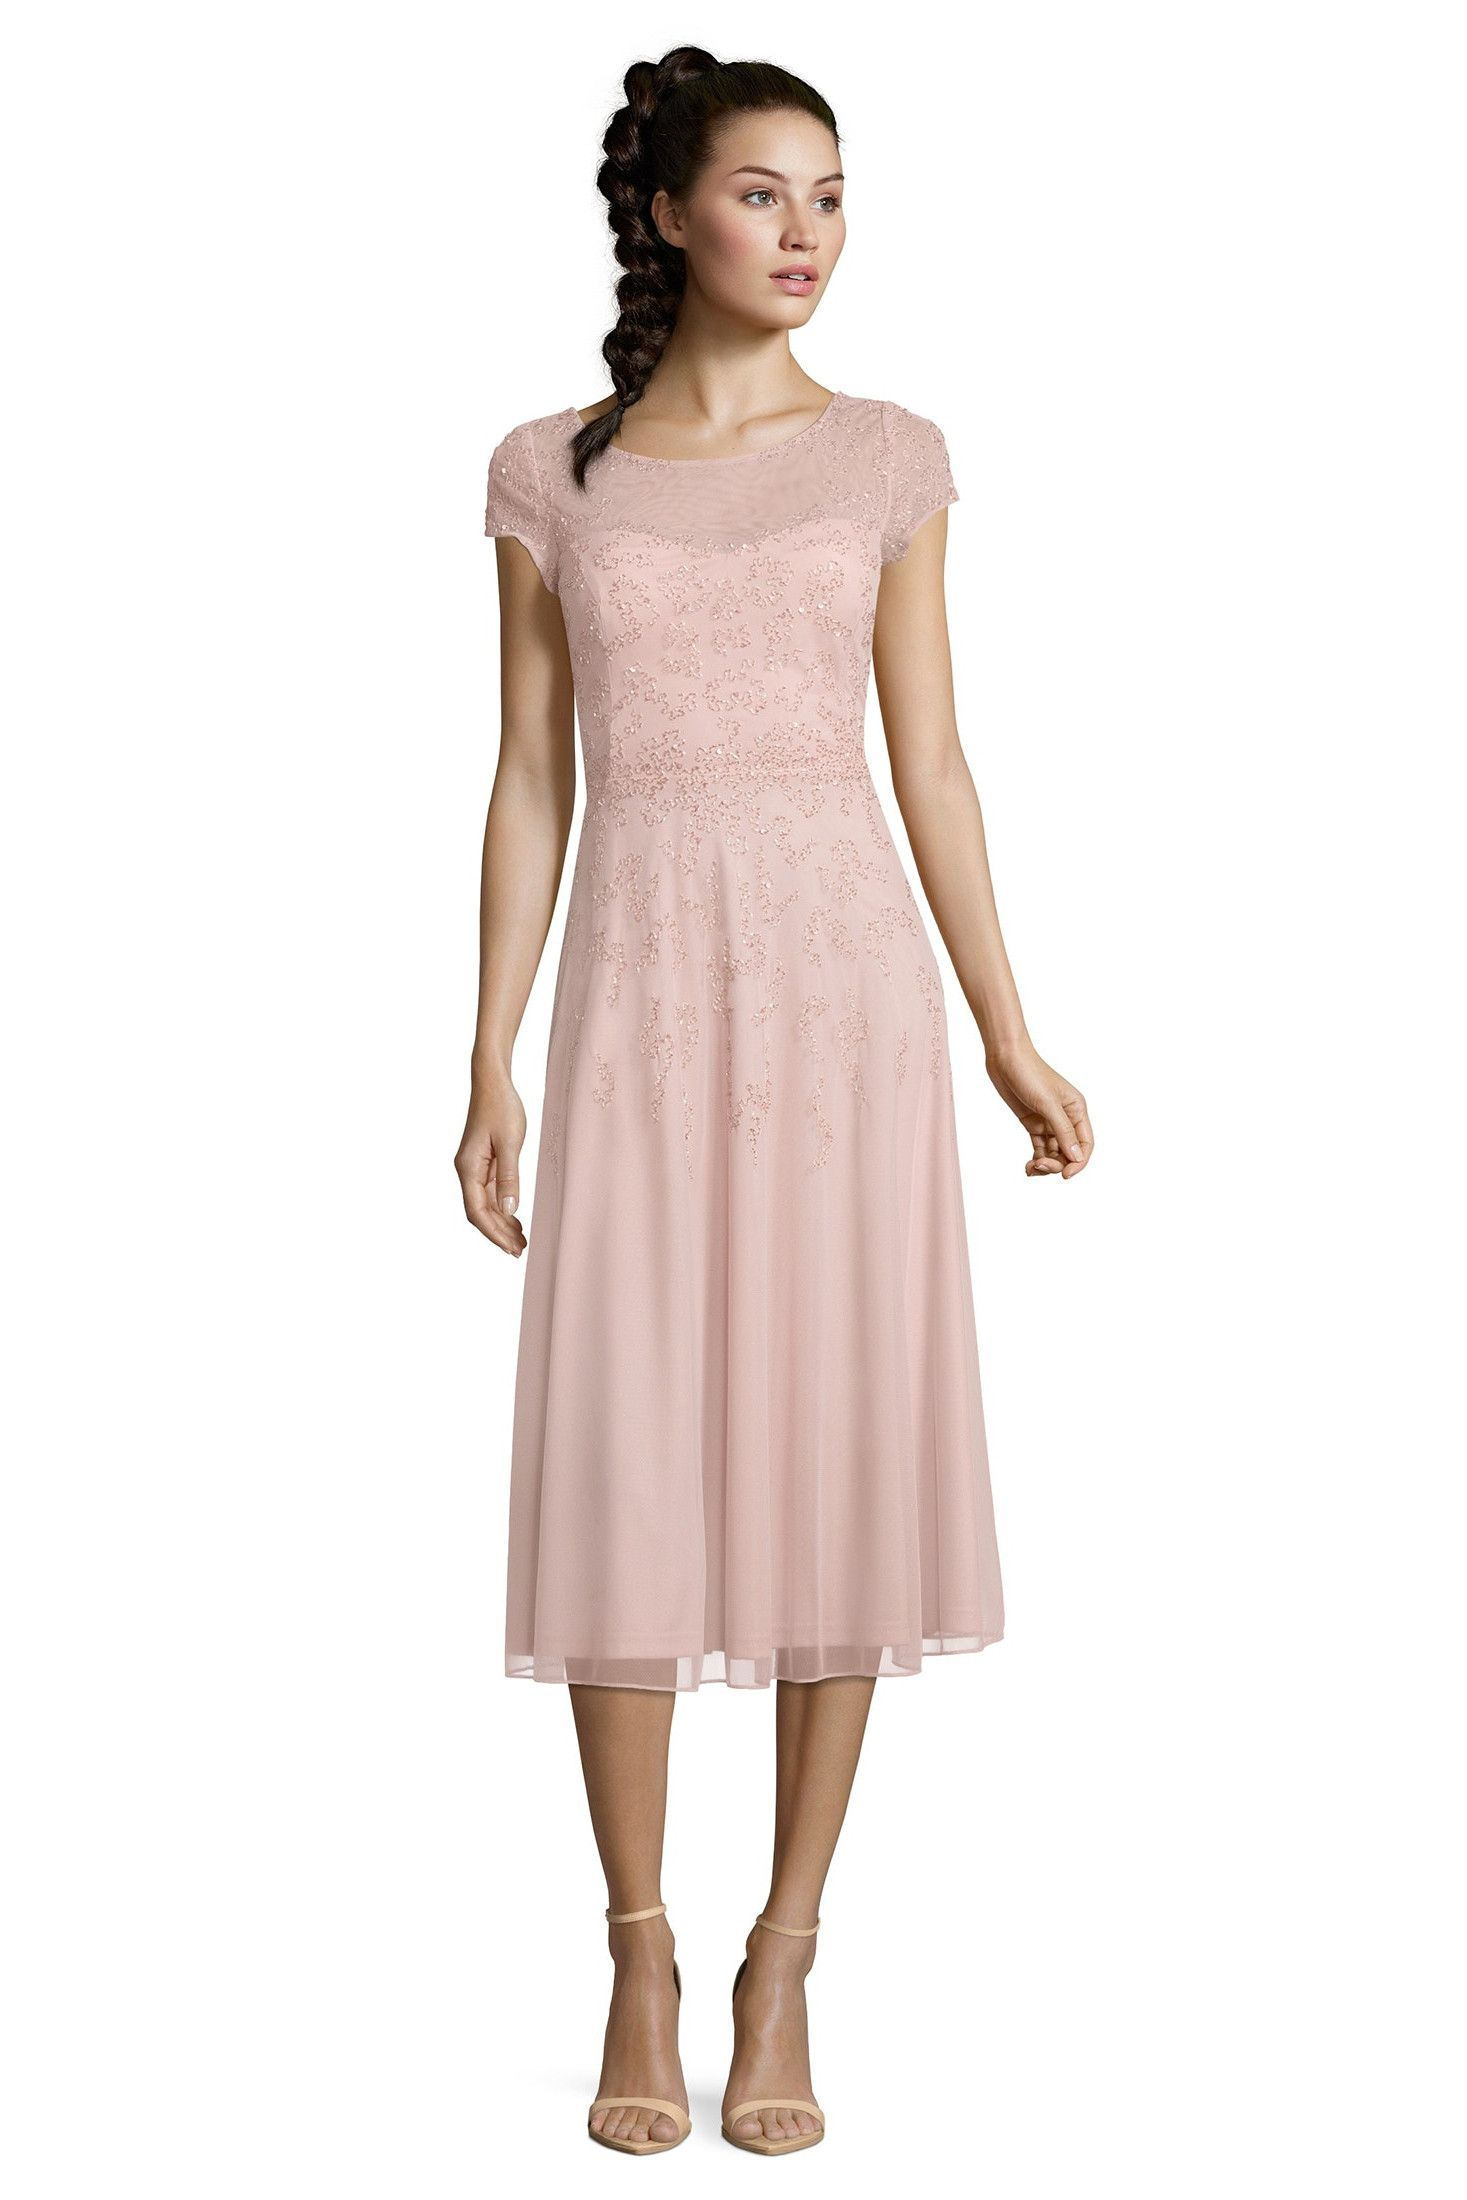 Brautmutter Kleider wie dieses festliche altrosa Midi-Kleid für